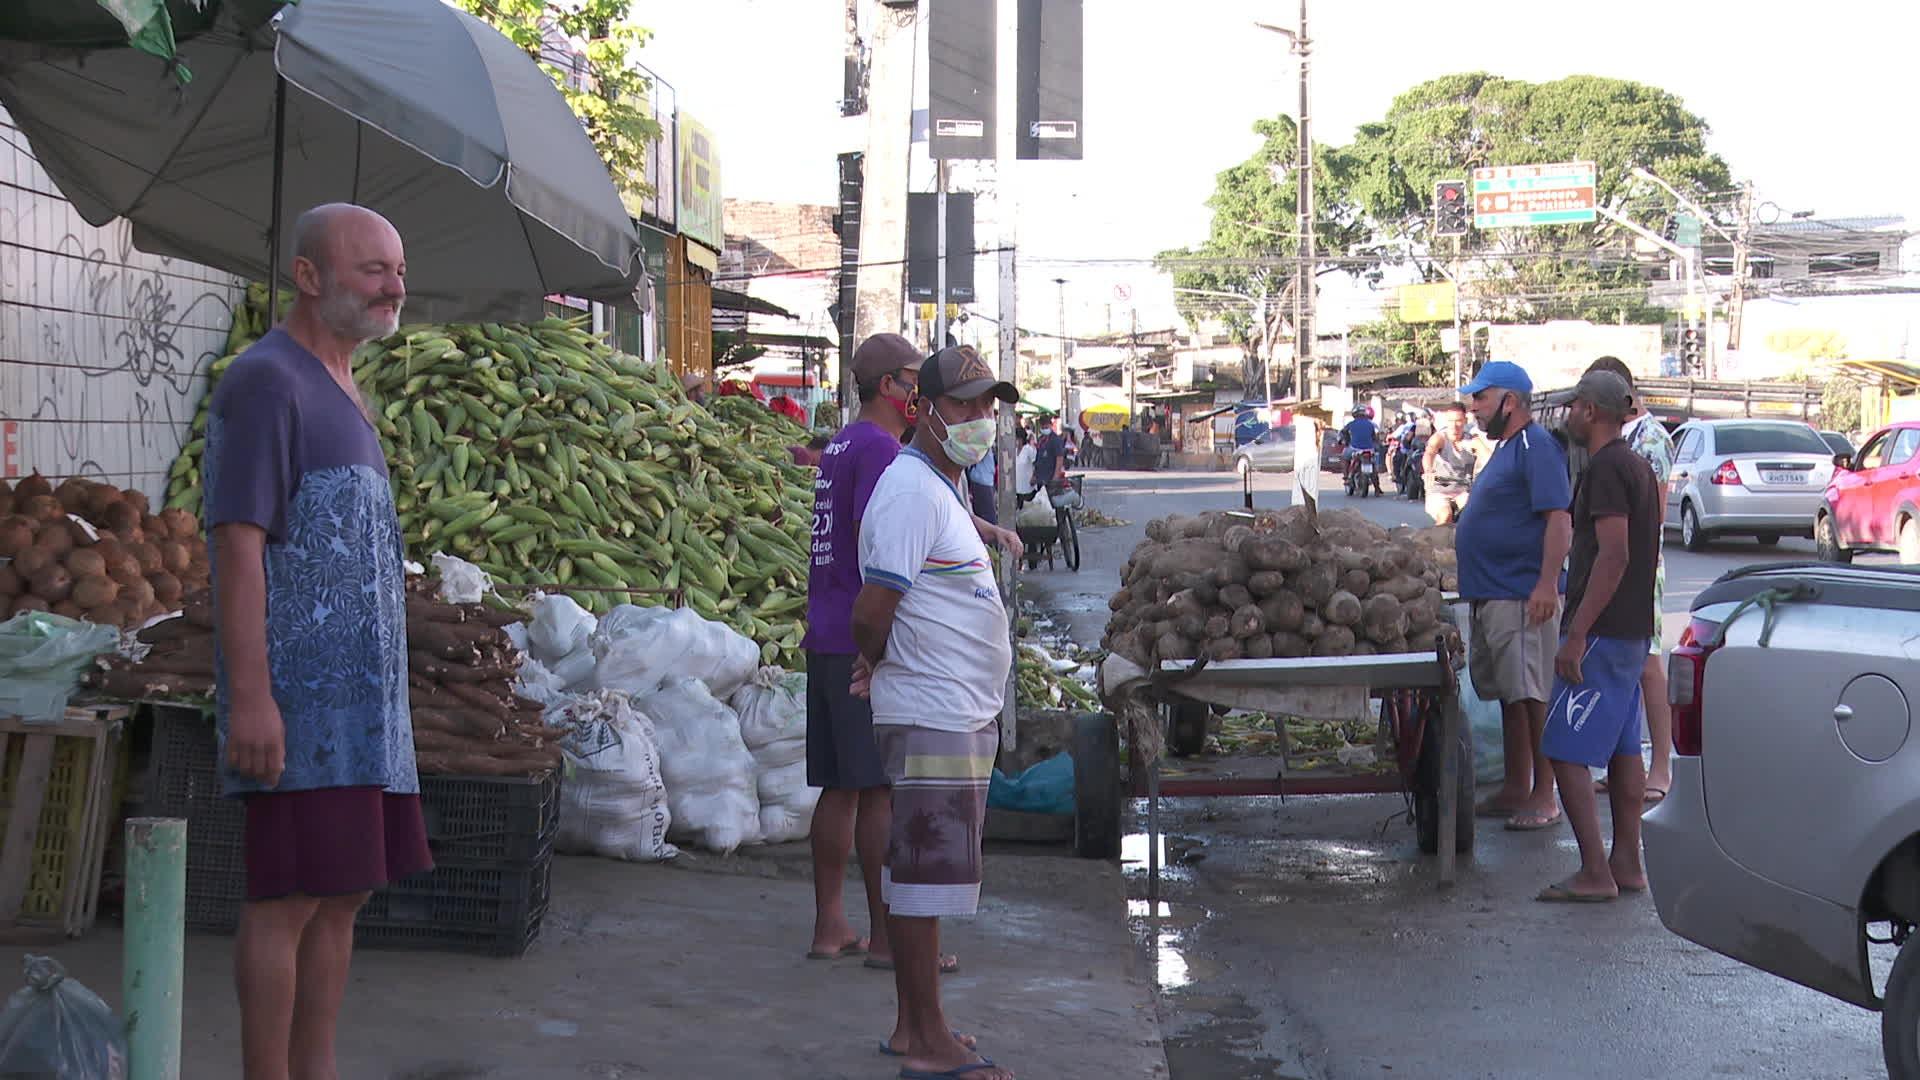 Criado para evitar aglomeração perto do São João, 'corredor do milho' tem pessoas sem máscara em Olinda